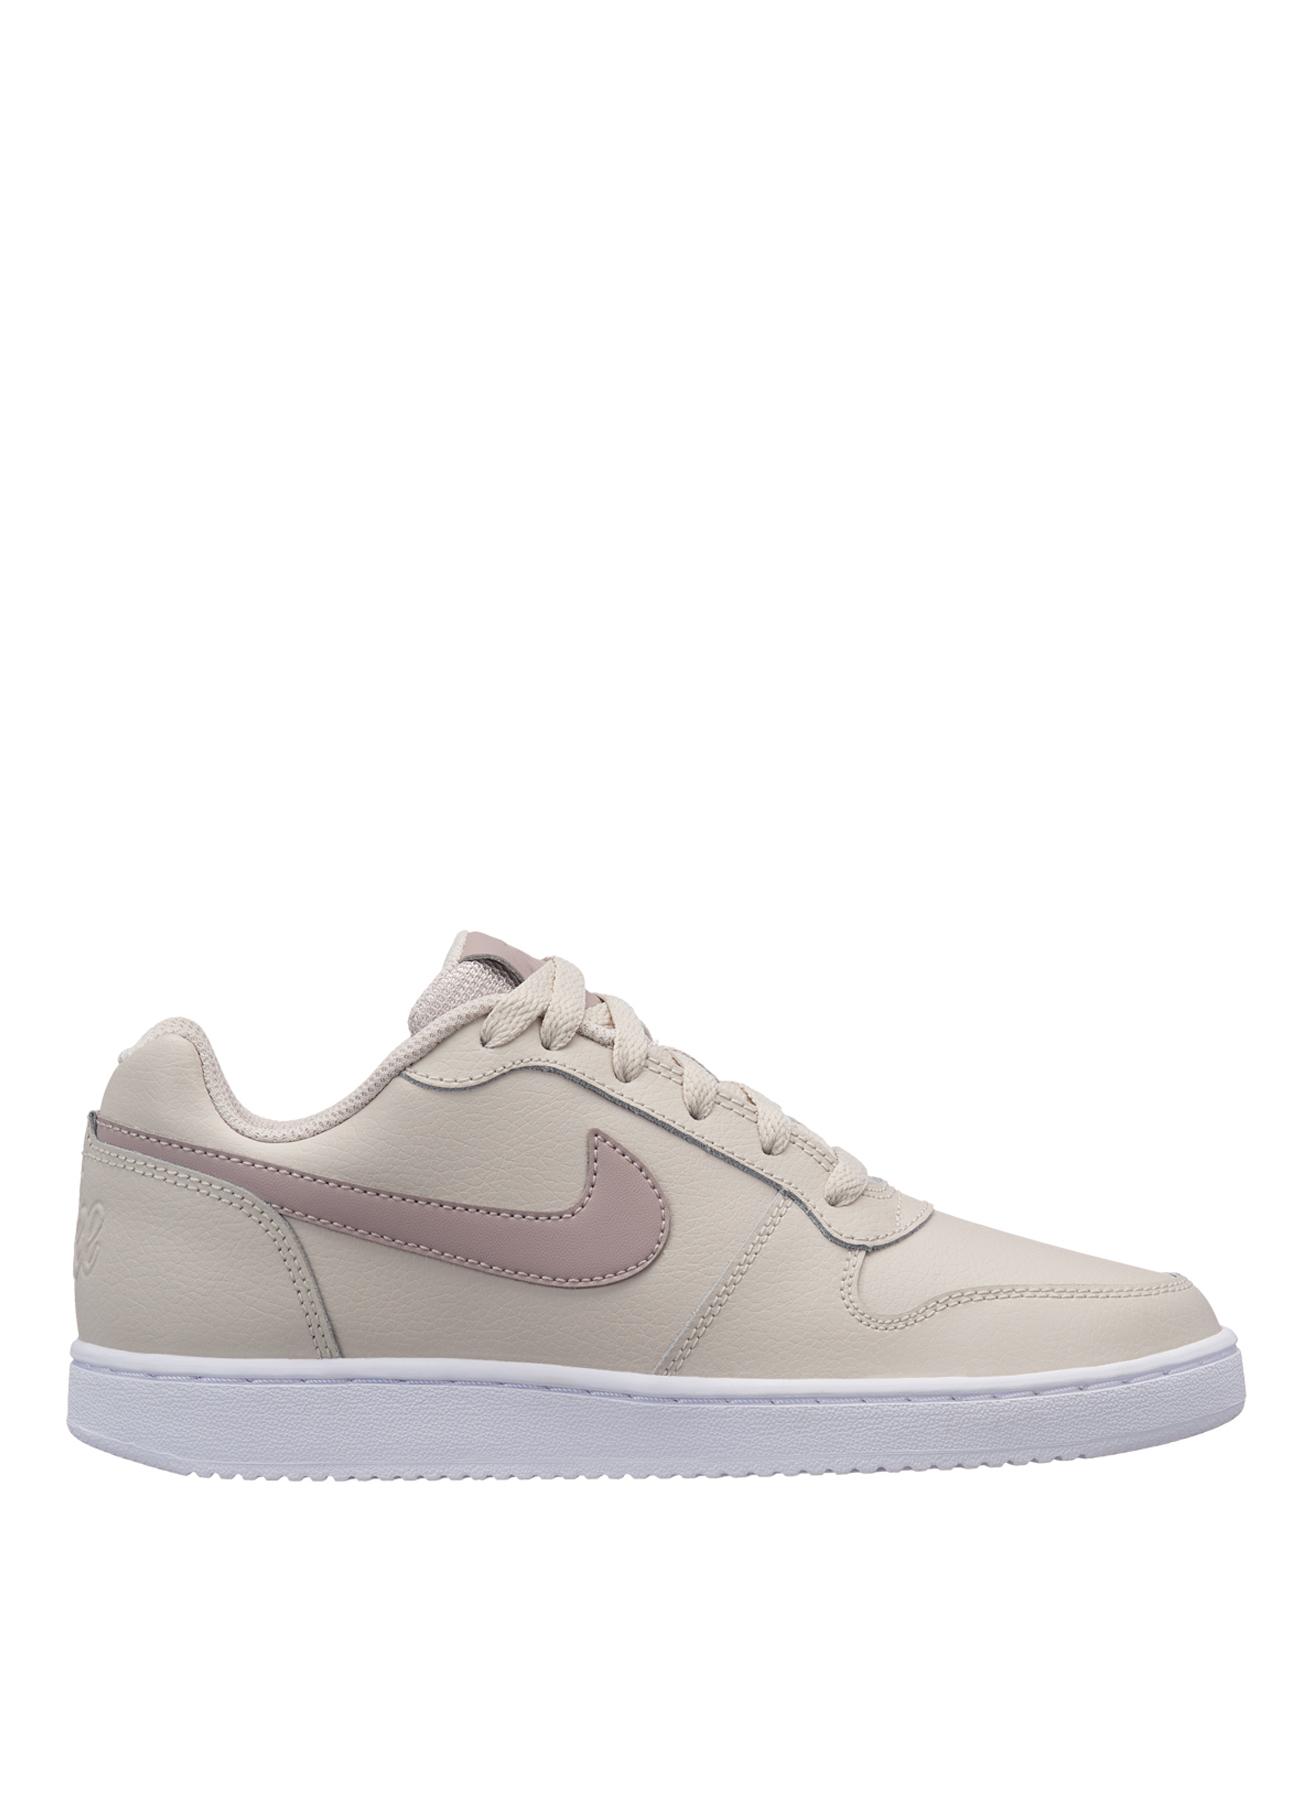 Nike Kadın Ebernon Low Lifestyle Ayakkabı 41 5001635117008 Ürün Resmi